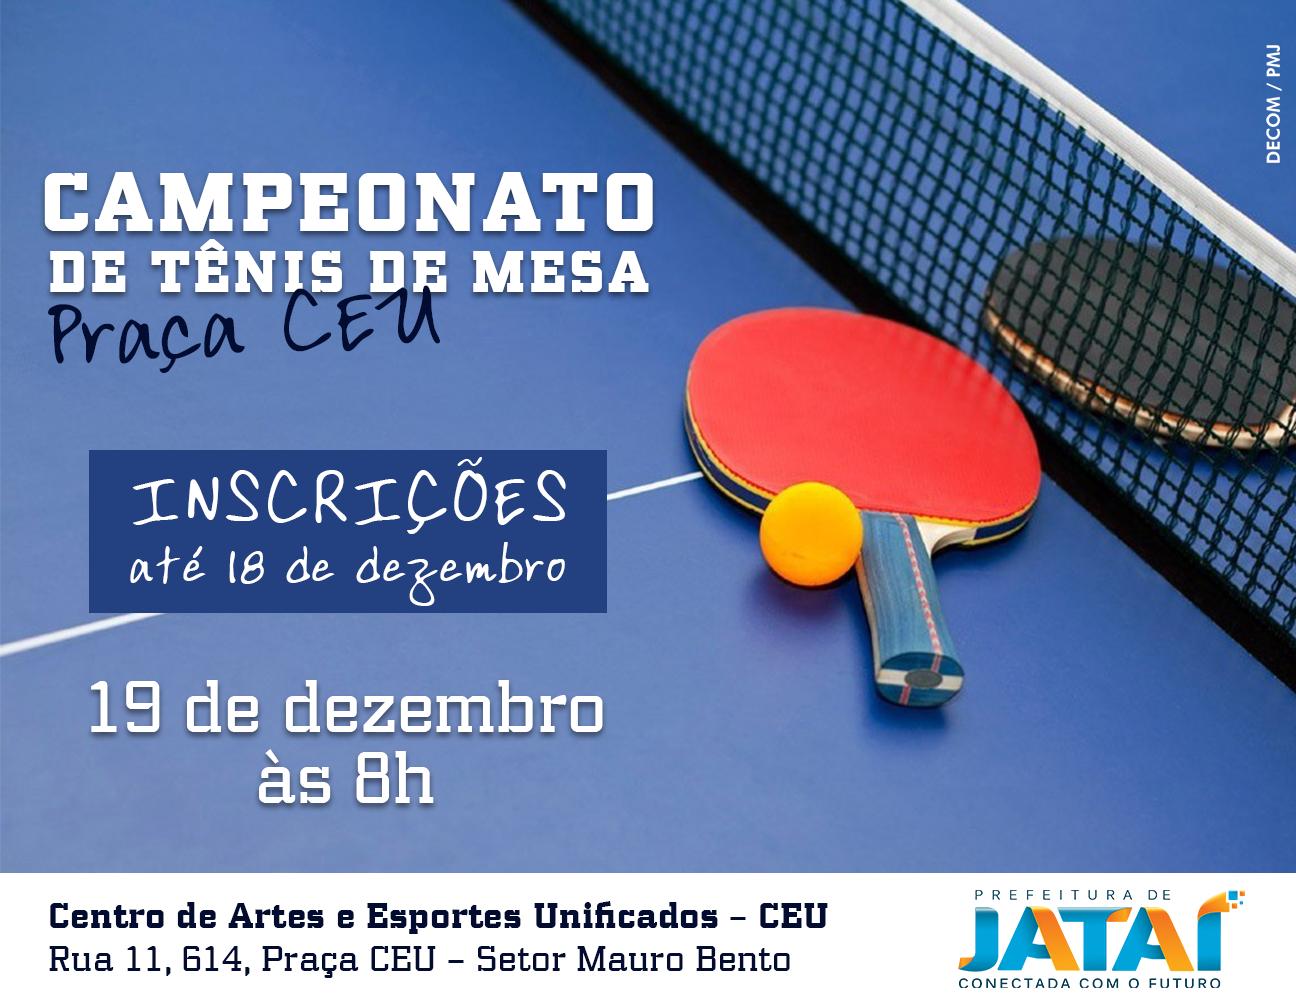 c1f7443e4 Inscrições para Campeonato de Tênis de Mesa se encerram nesta ...